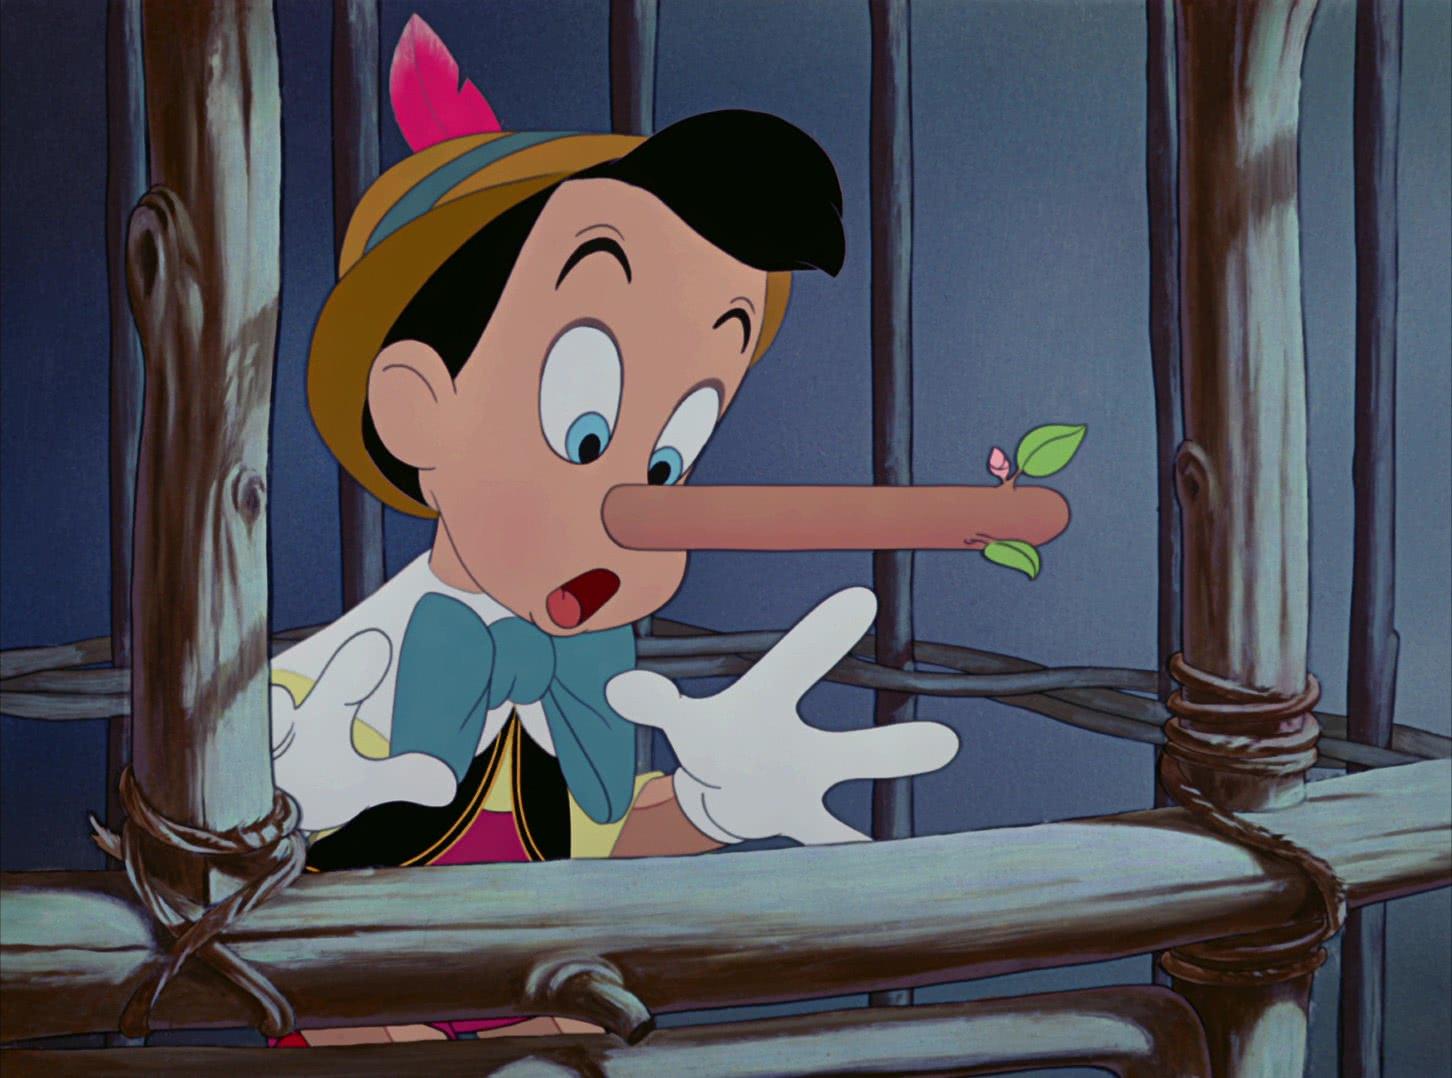 孩子犯错后撒谎怎么办,不要急于指责,适当引导能使孩子坦诚相待